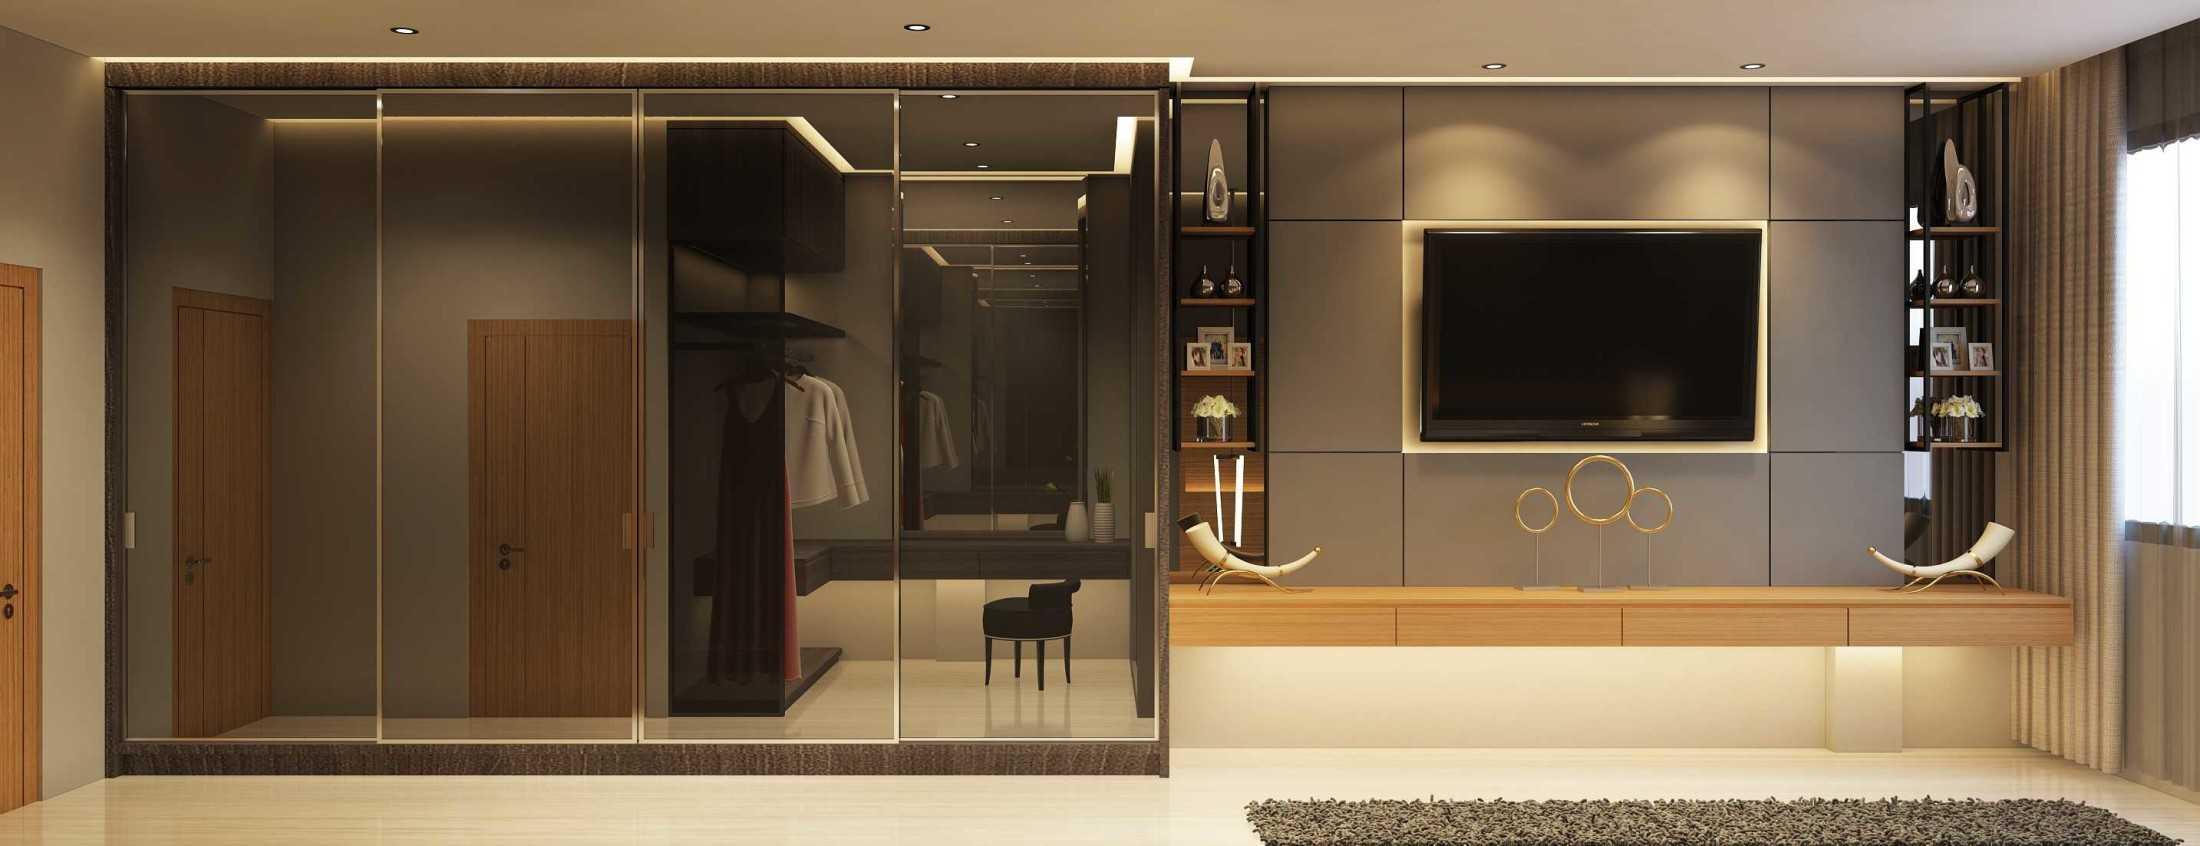 Simplifica Interior Mi House Medan, Kota Medan, Sumatera Utara, Indonesia Medan, Kota Medan, Sumatera Utara, Indonesia Simplifica-Interior-Mr-Ivan-House  62978